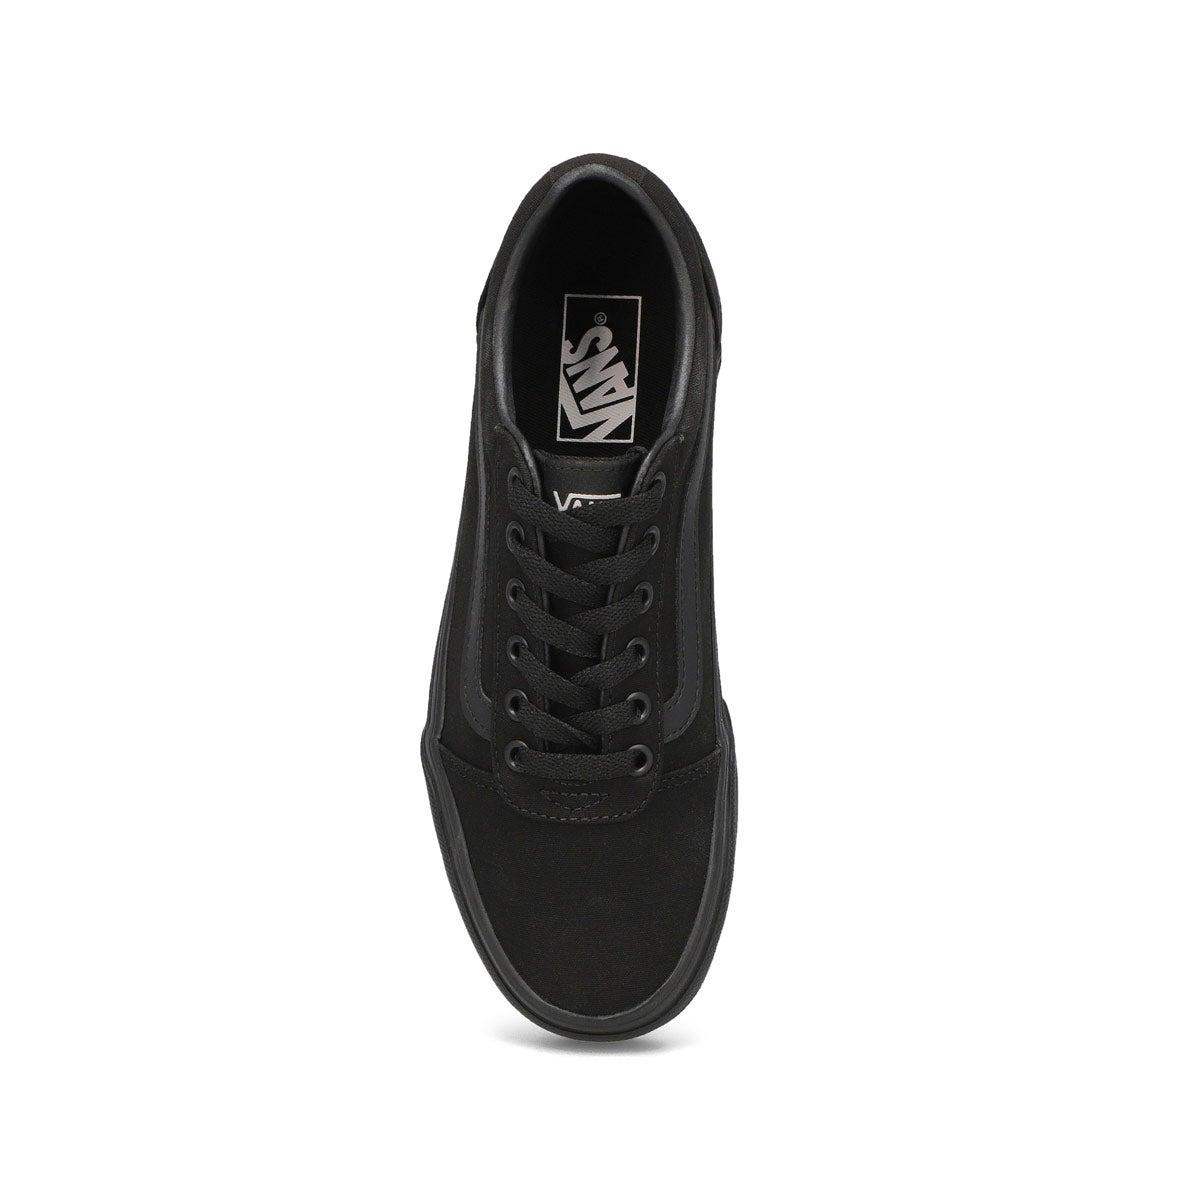 Women's Ward Sneaker - Black/Black